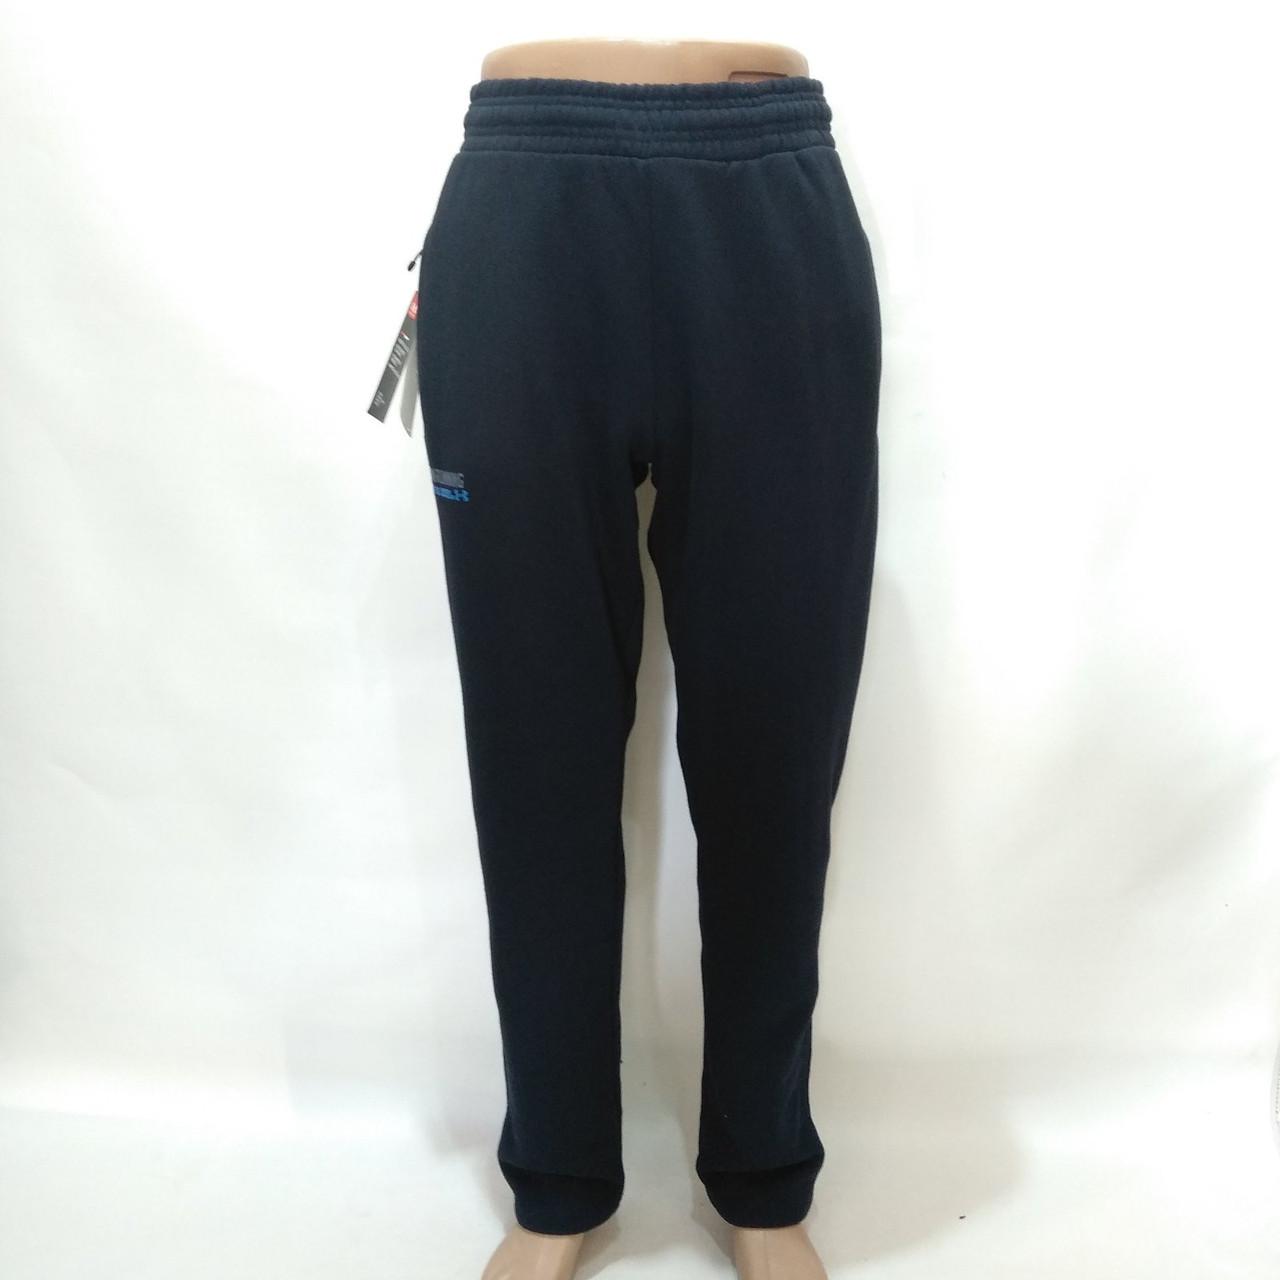 Спортивные штаны теплые Under Armour реплика / темно-синие / трикотажные